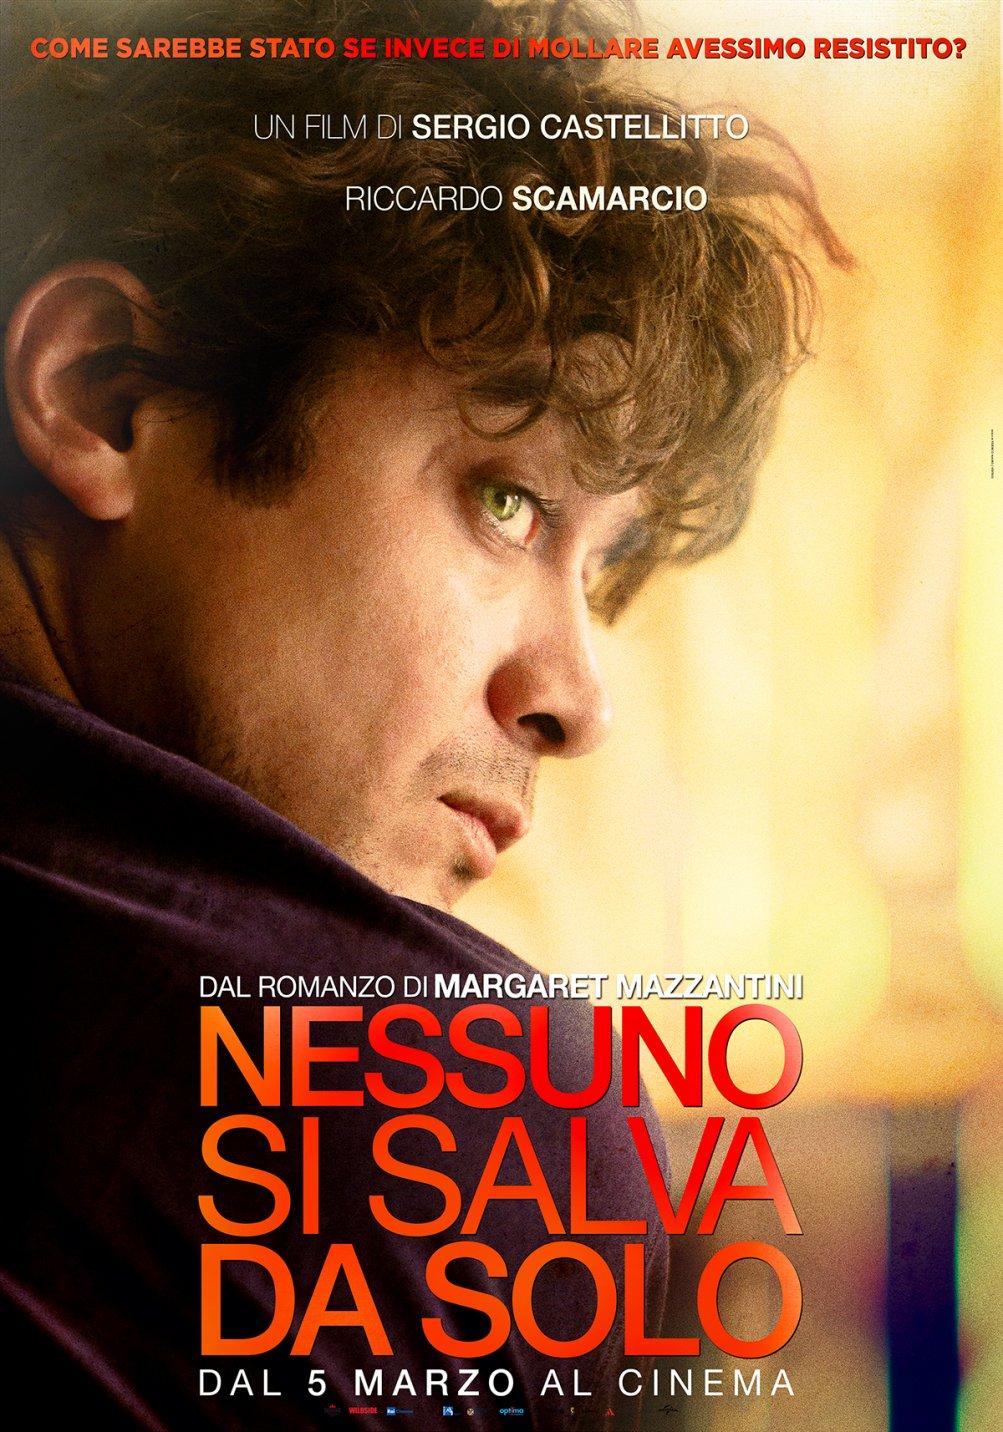 Nessuno si salva da solo - character poster esclusivo con Riccardo Scamarcio